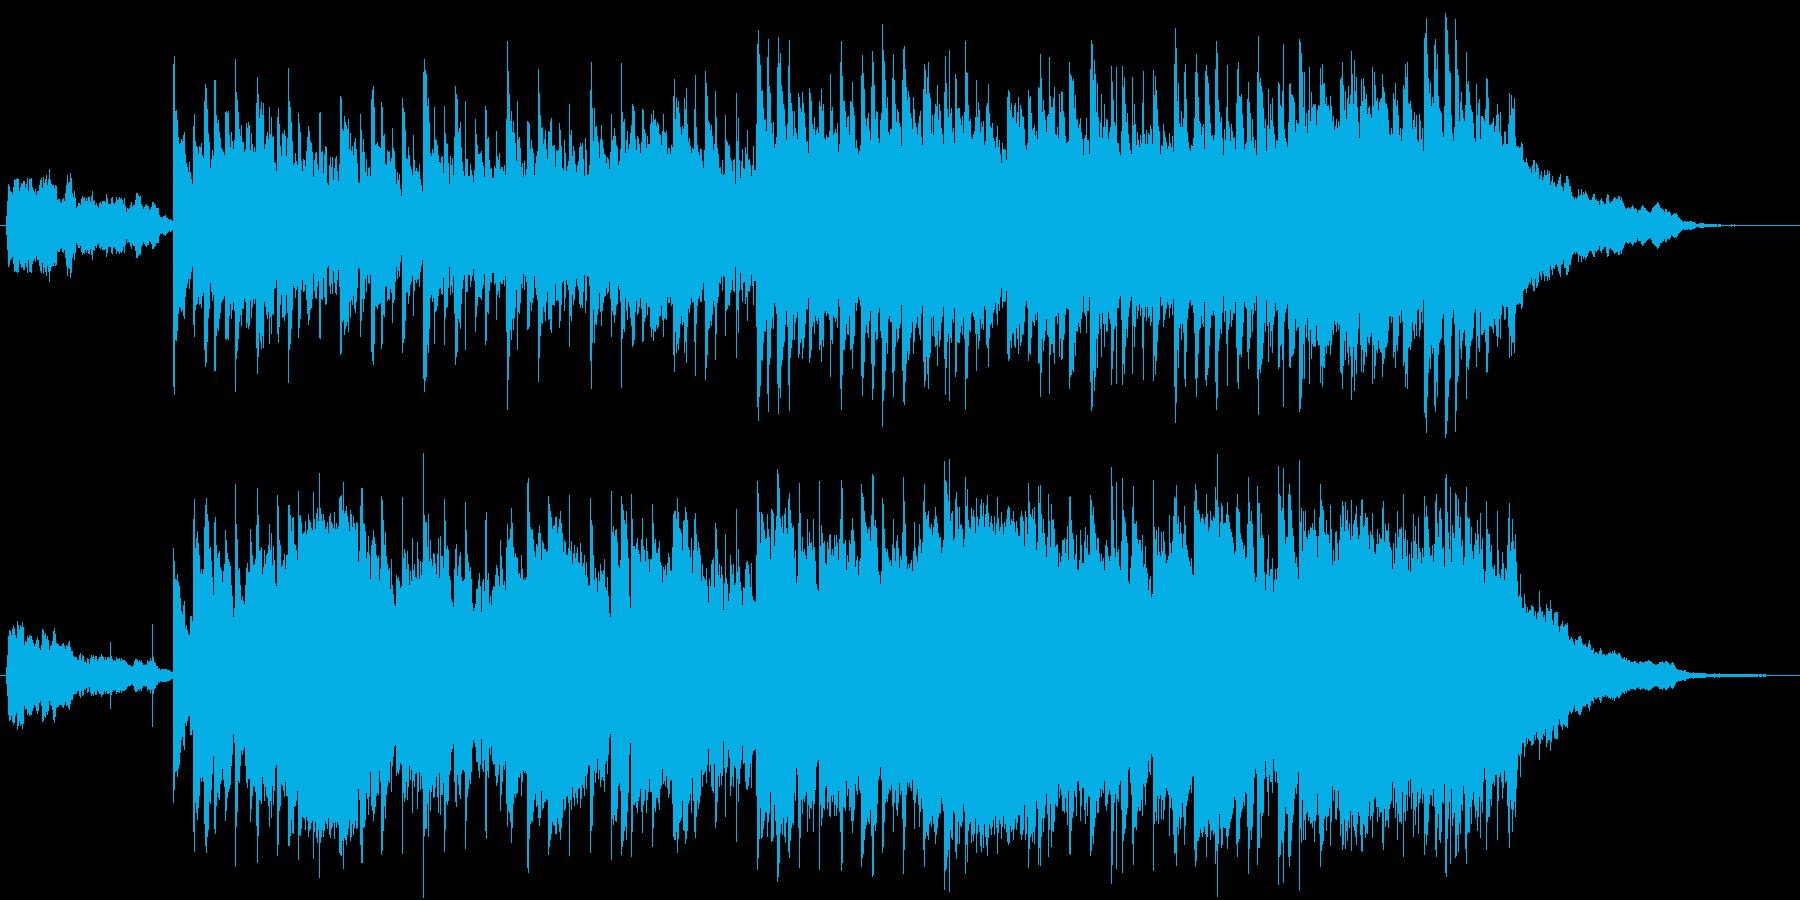 クリーンなエレクトロニックサウンド♪の再生済みの波形